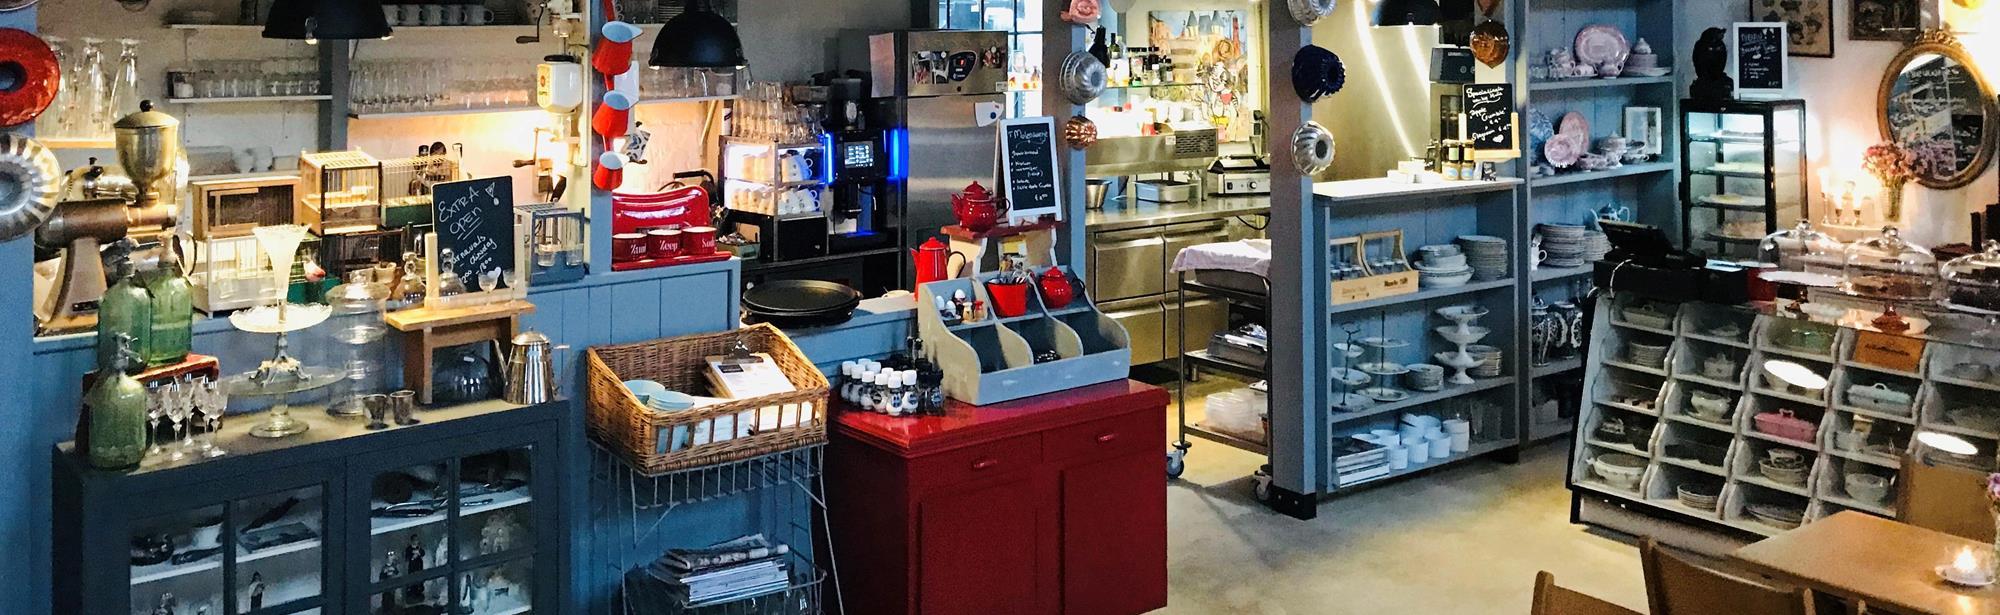 Gasterij de Koffiemolen